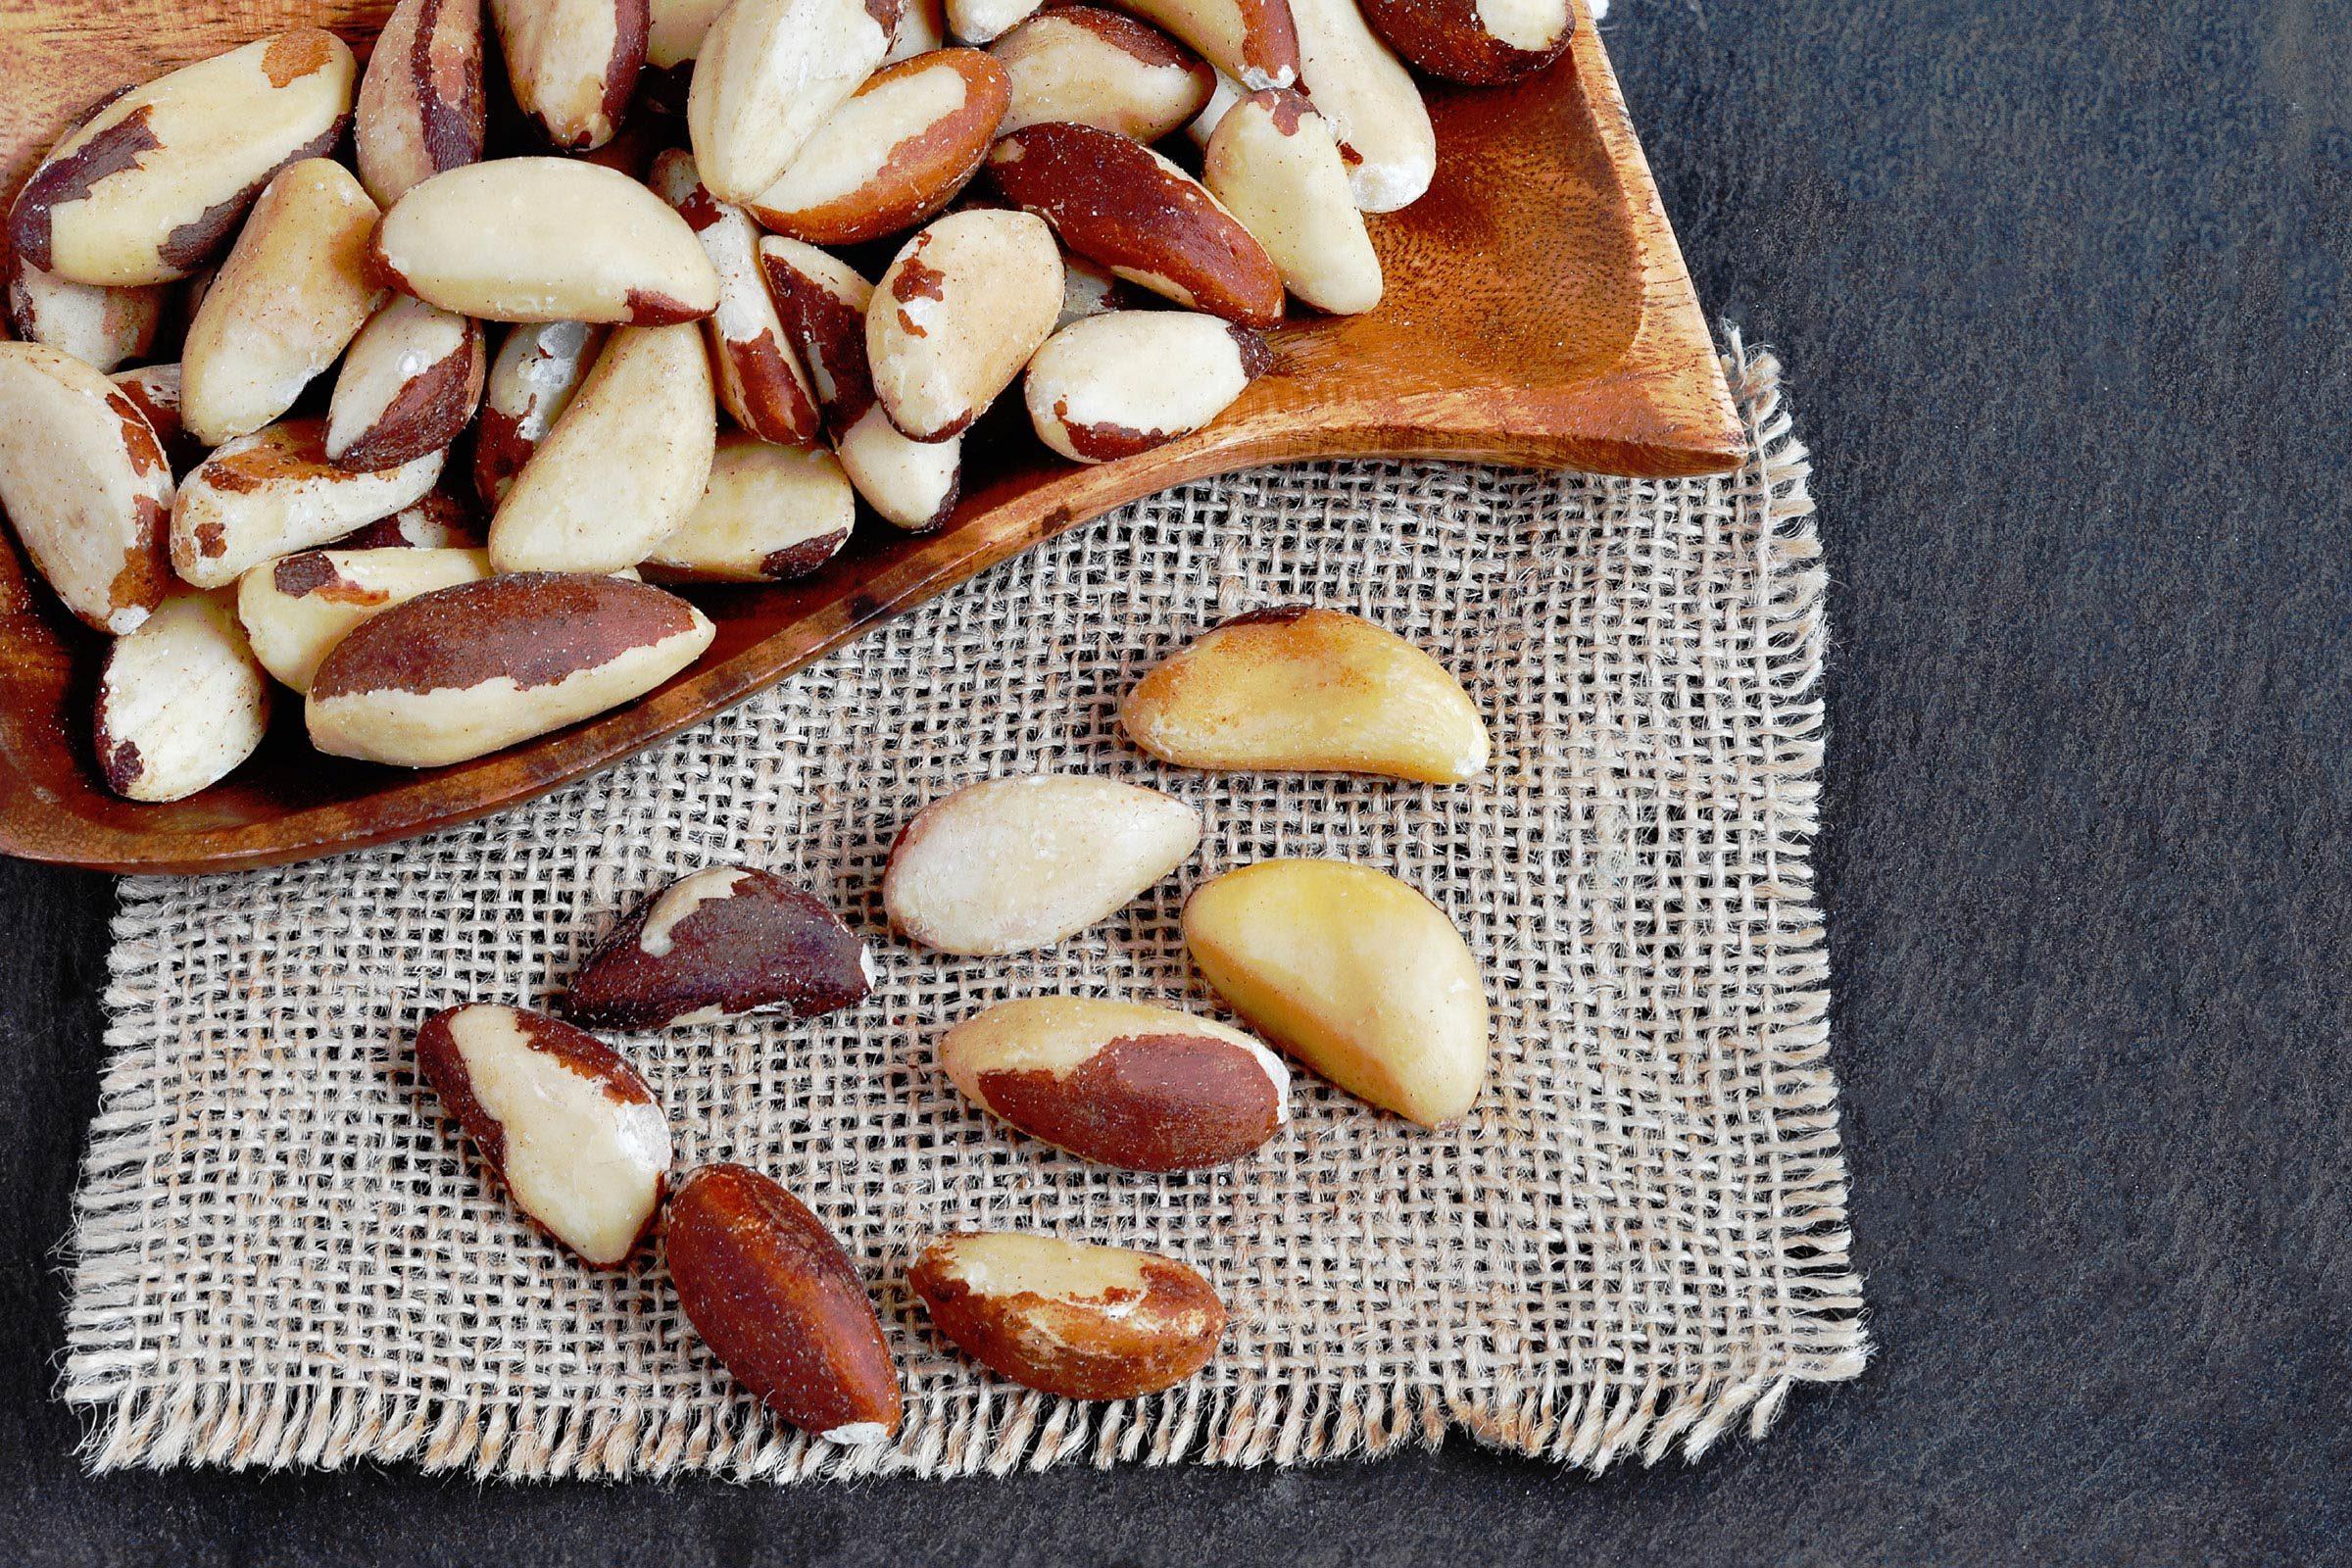 Eat A Few Brazil Nuts Each Day